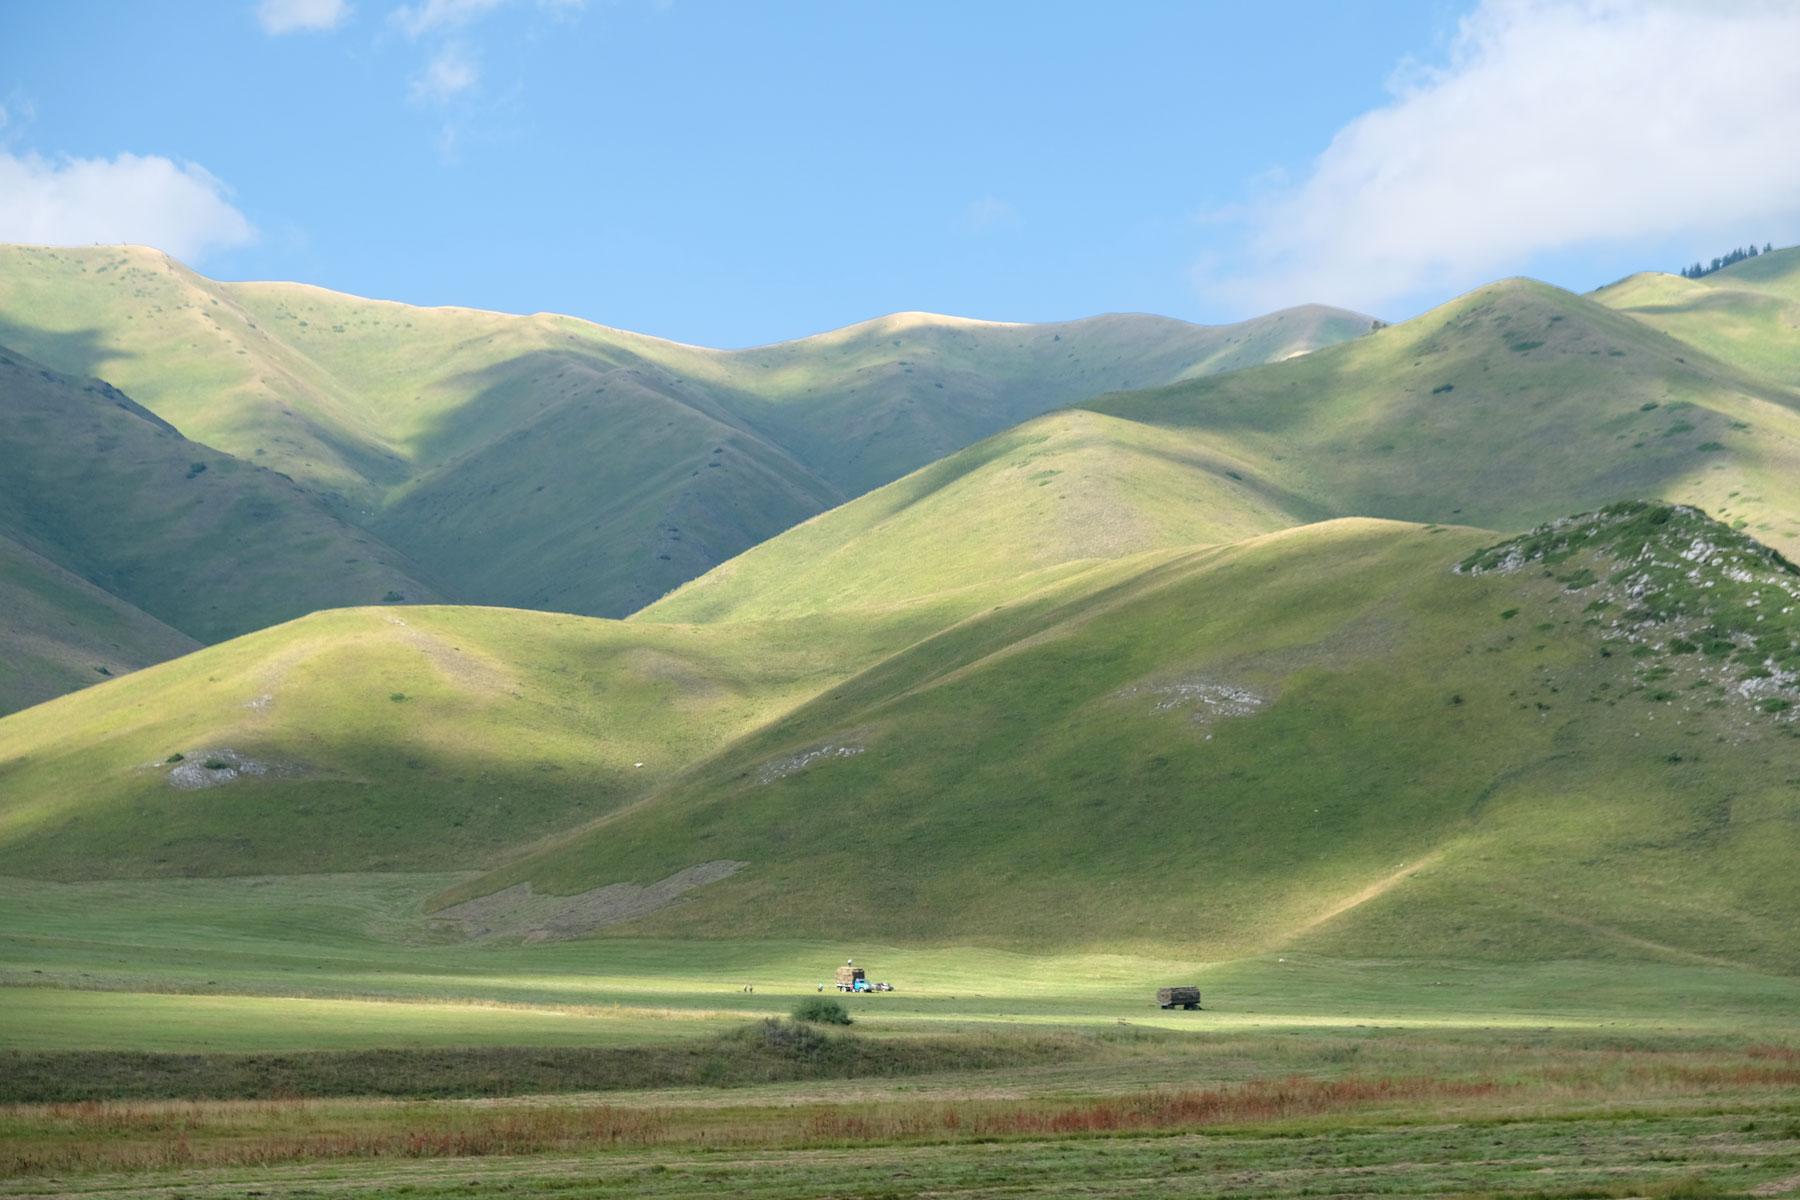 Wir fahren durch das bildschöne Karkara Tal